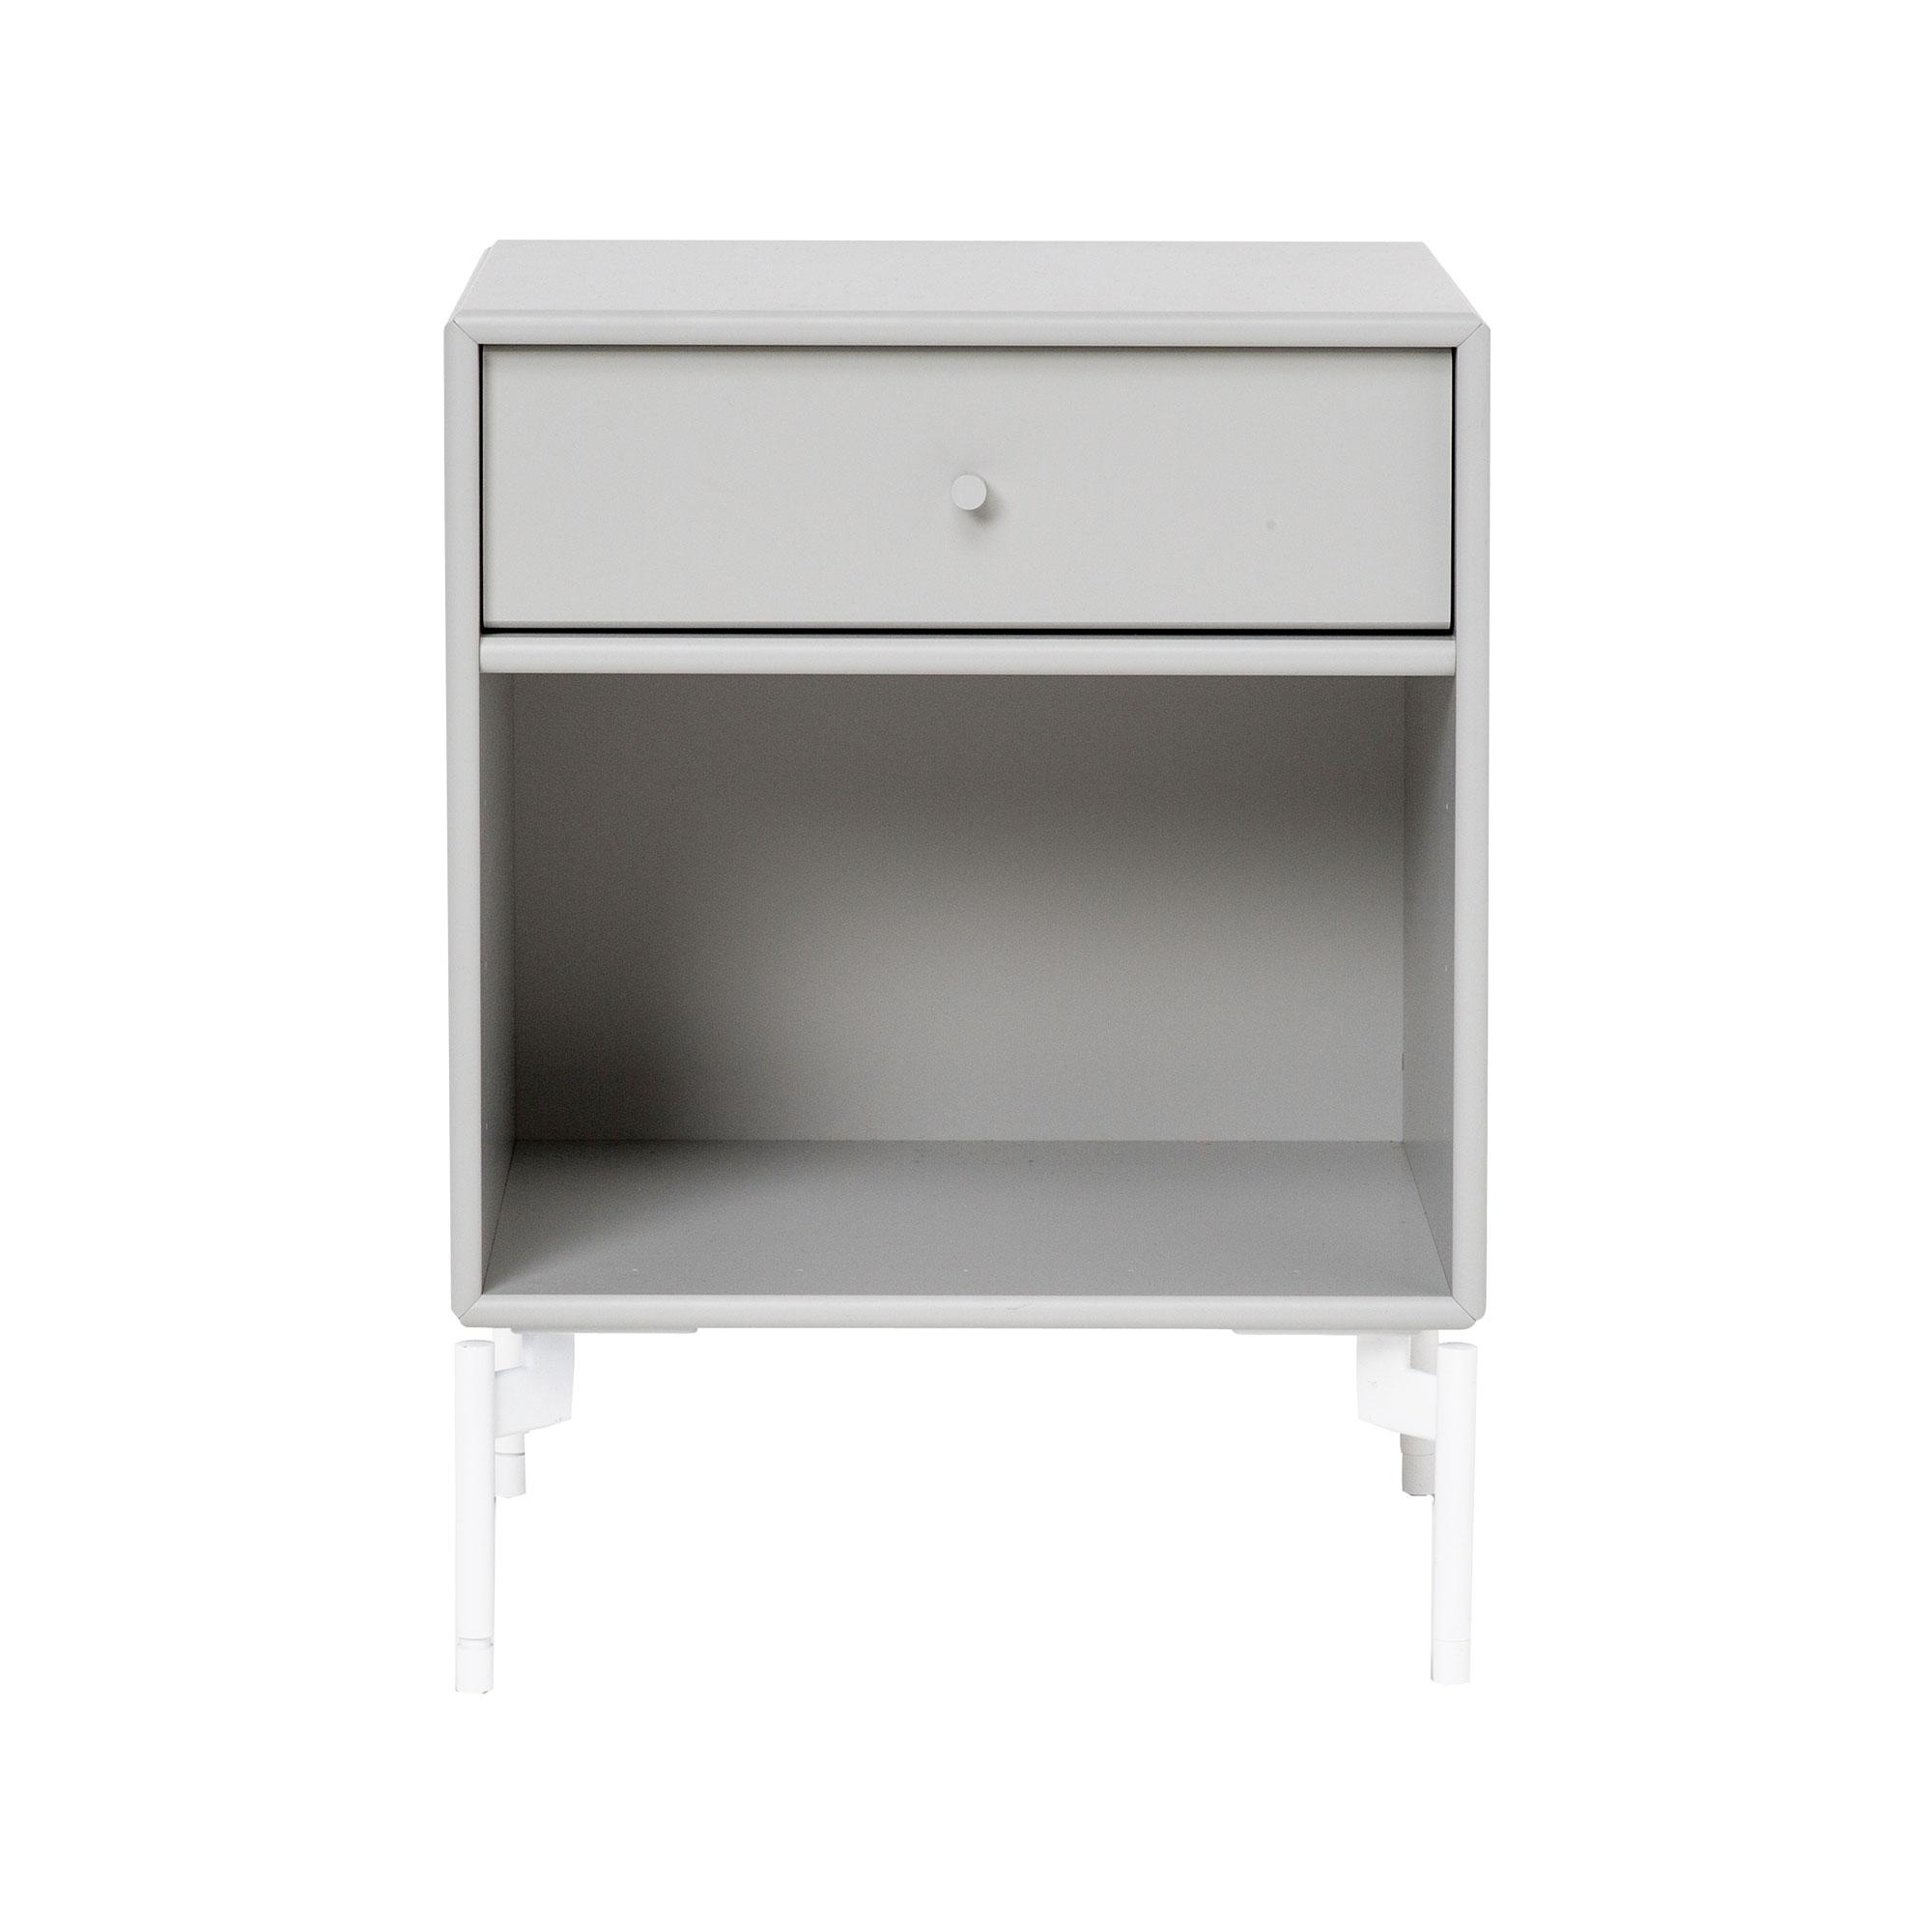 Montana - Dream Nachttisch mit Schublade H: 48cm - nordic 09/lackiert/BxHxT 35|4x48x30cm | Schlafzimmer > Nachttische | Nordic 09 | Mdf lackiert| zink | Montana